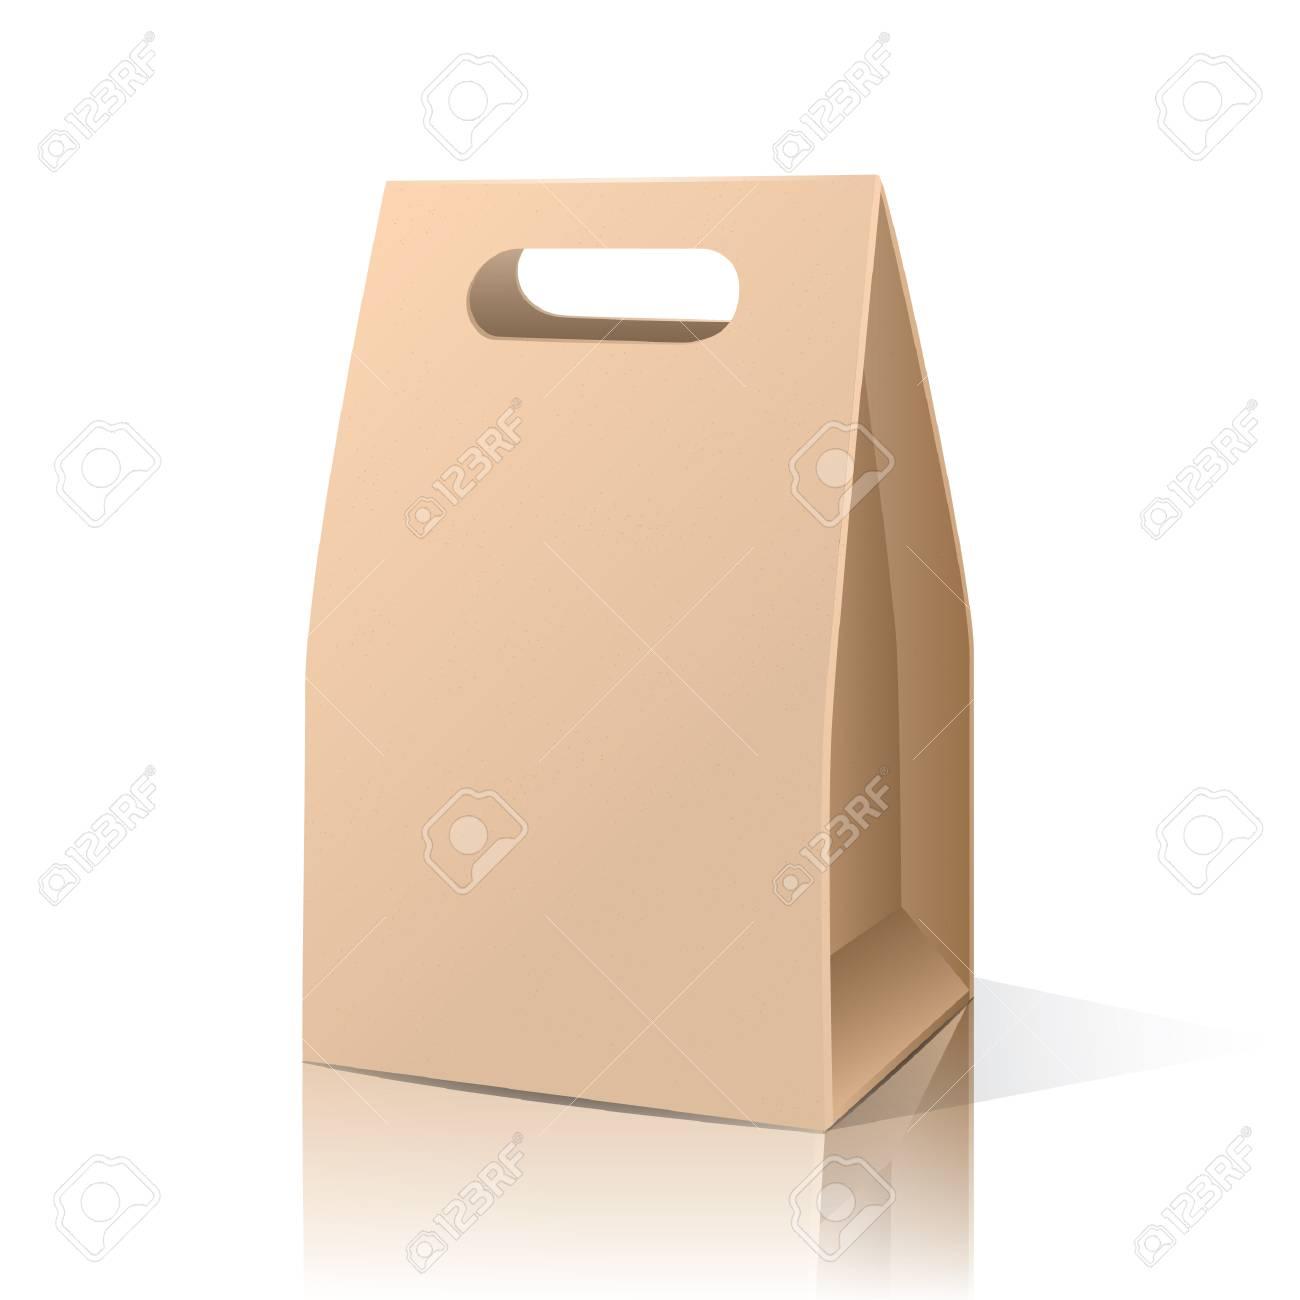 brown paper bag - 106669408